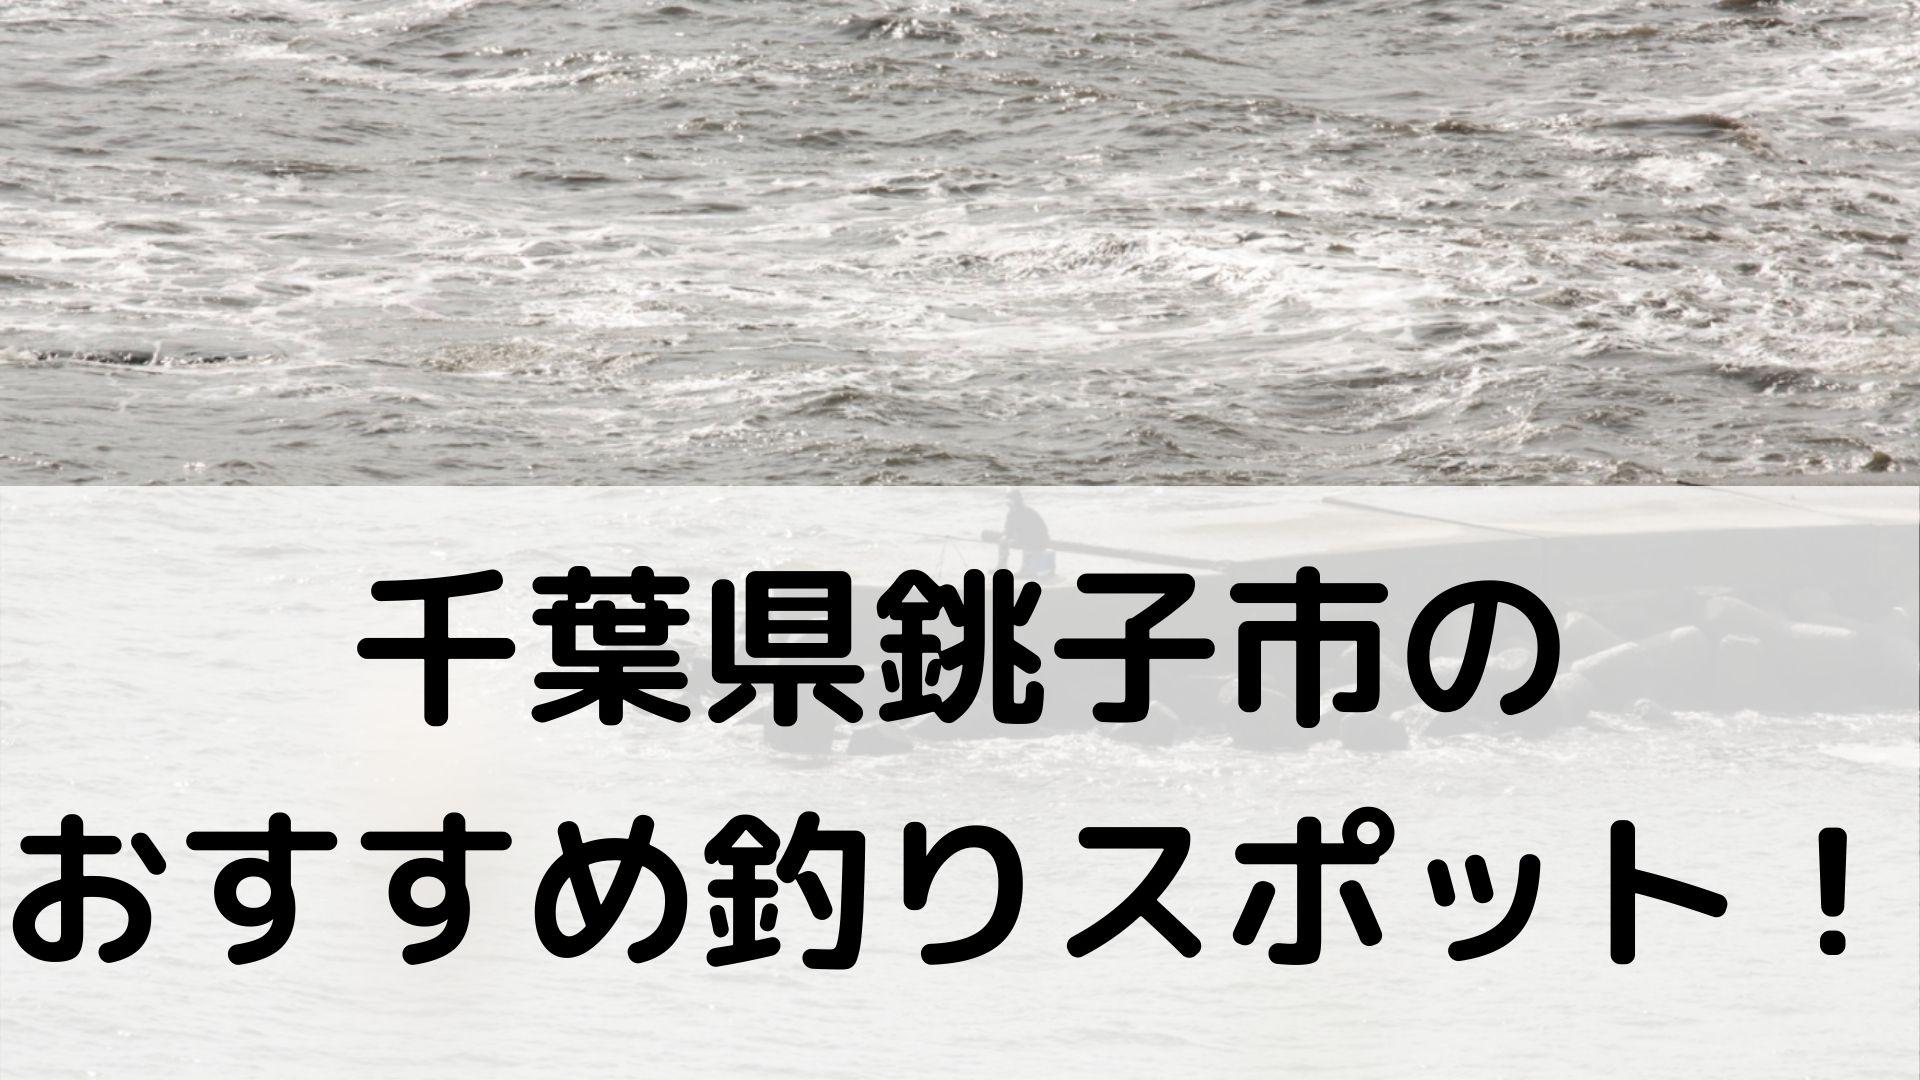 千葉県銚子市のおすすめ釣りスポットに関する参考画像